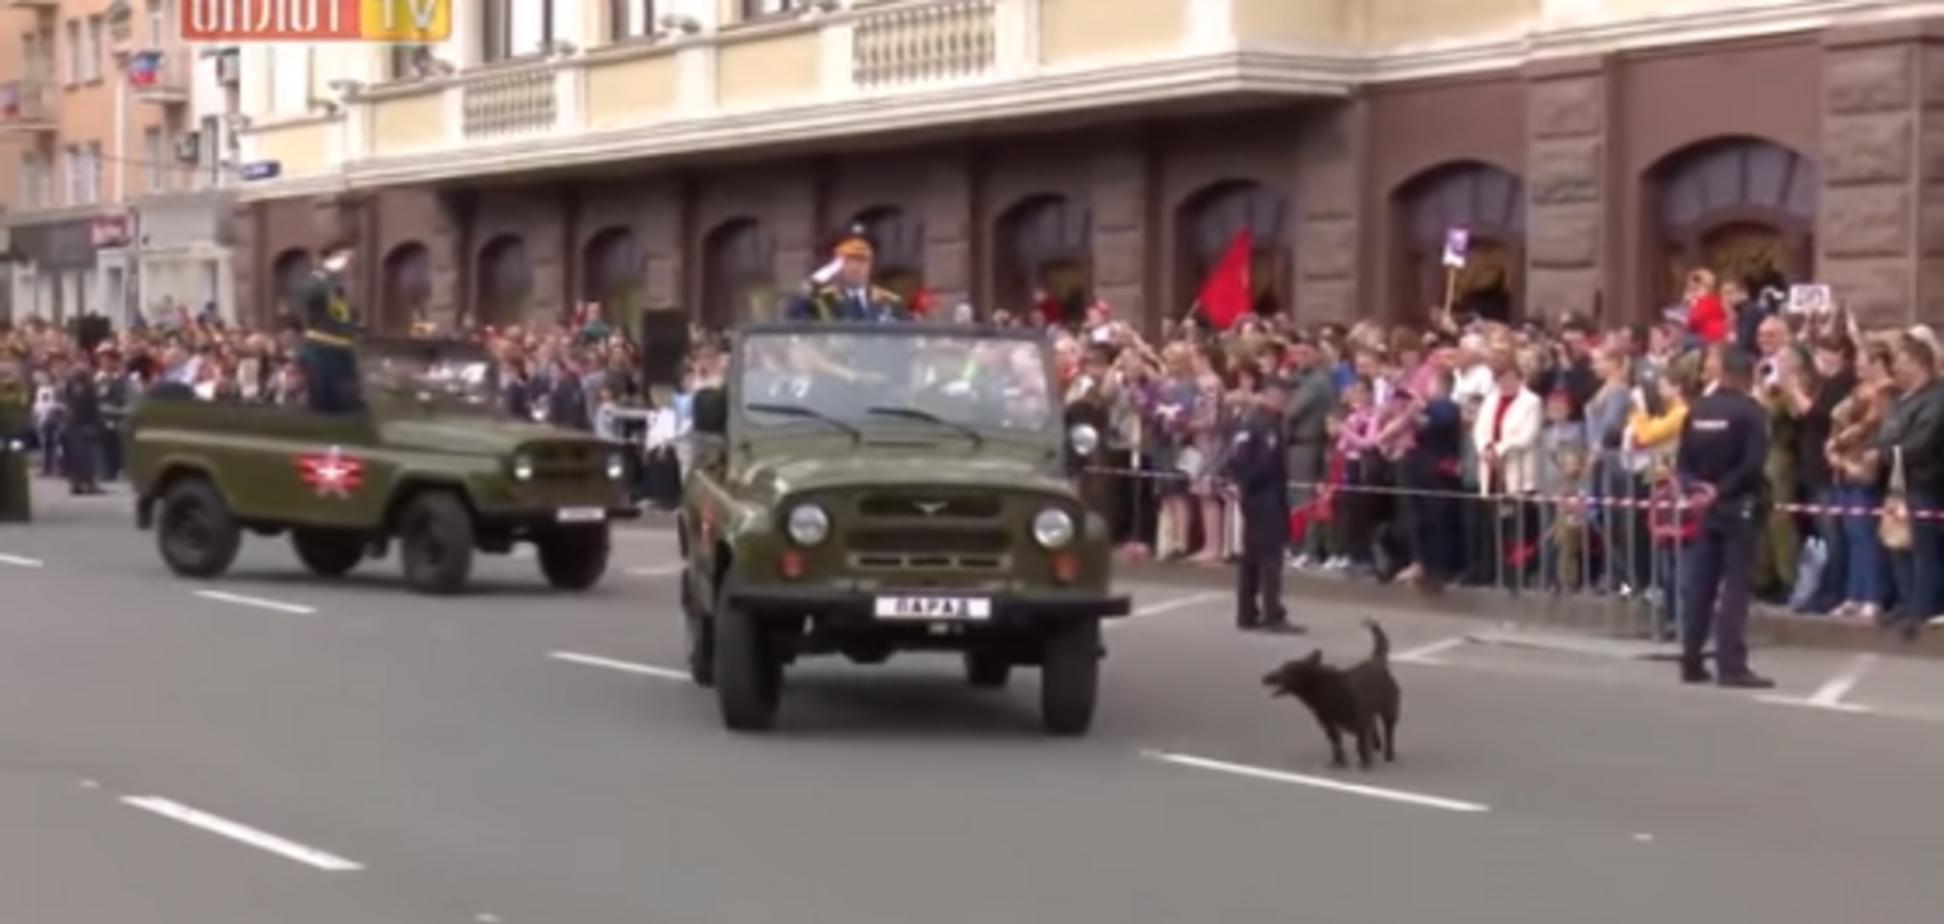 'Рать' ДНР 'була в лютому шоці': блогер розповів, як Хунтік проник на 'парад' терористів